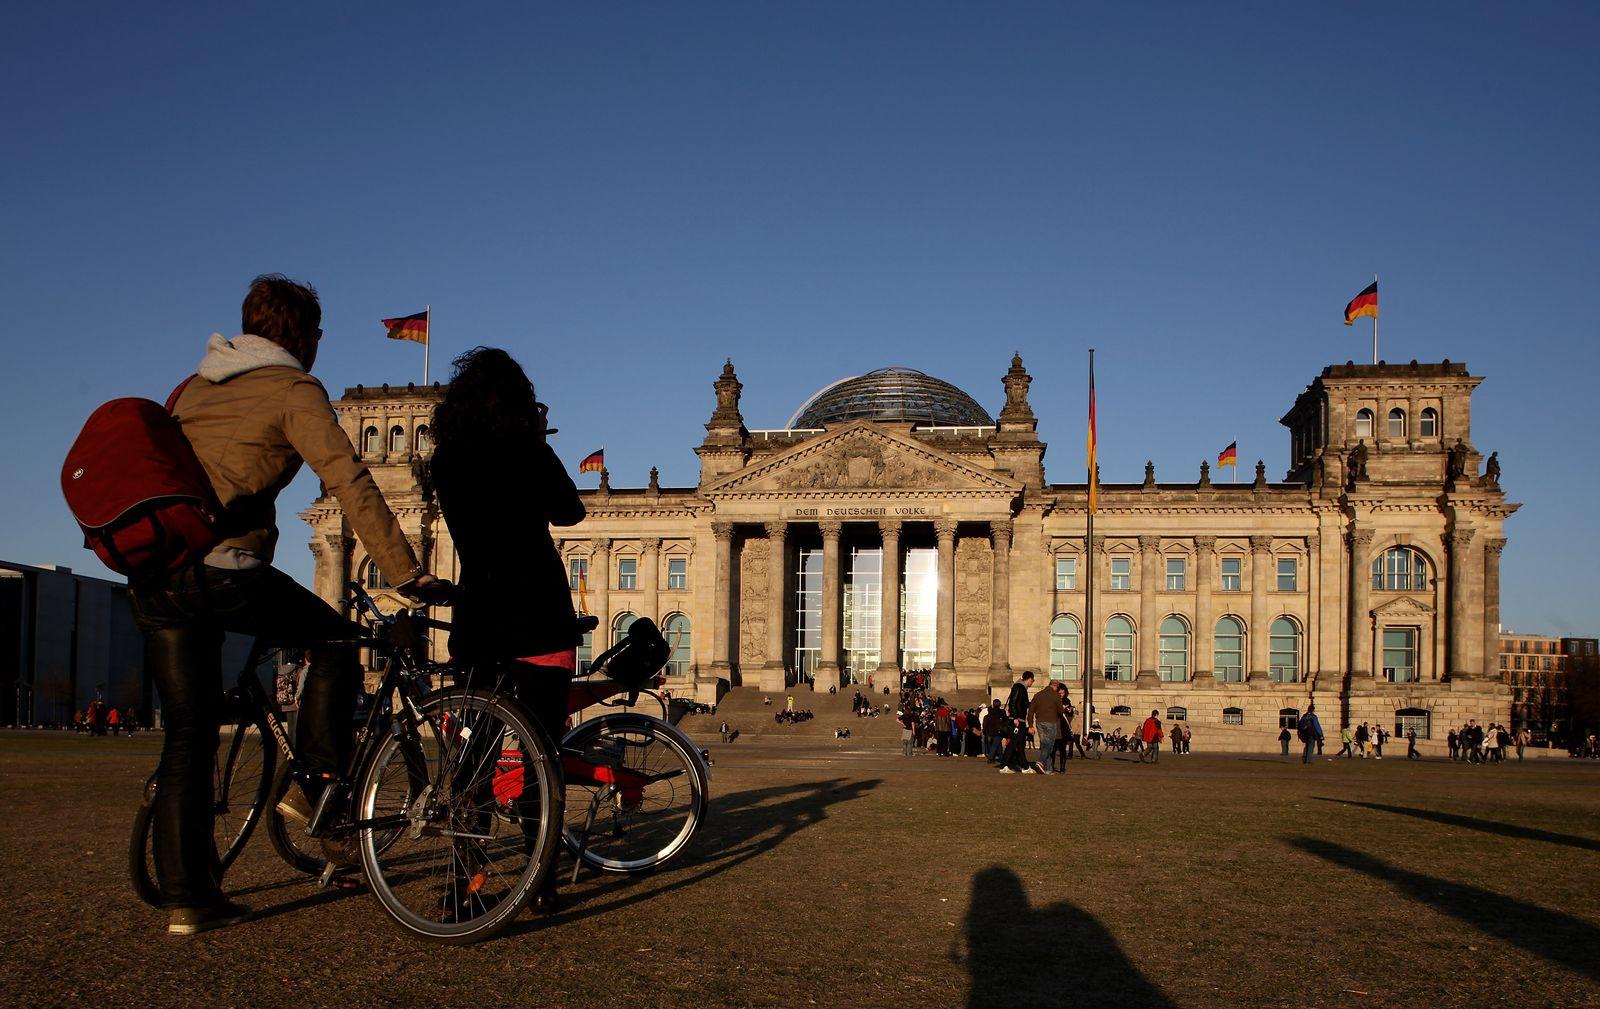 Reichstag / Berlin